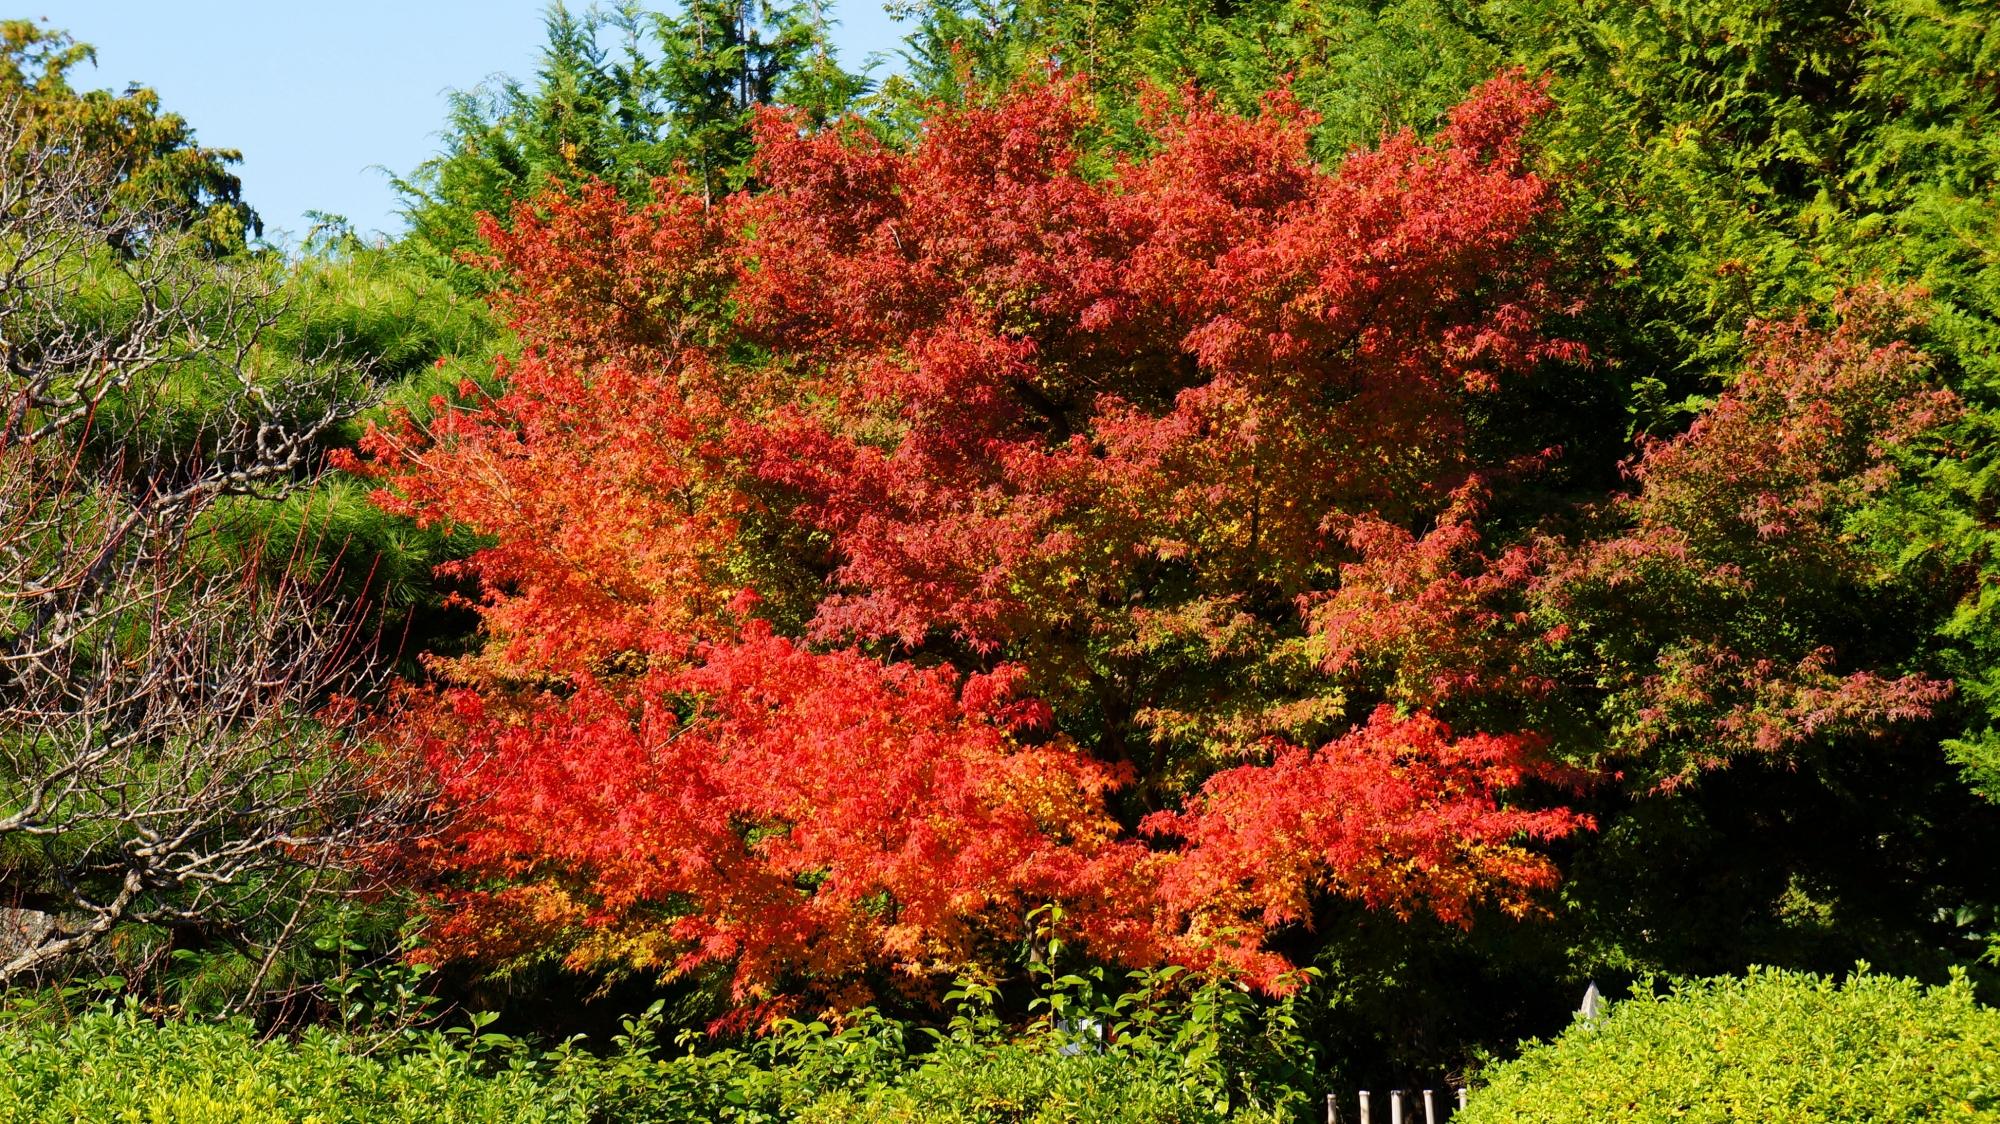 日が当たり輝く燃えるような鮮やかな紅葉